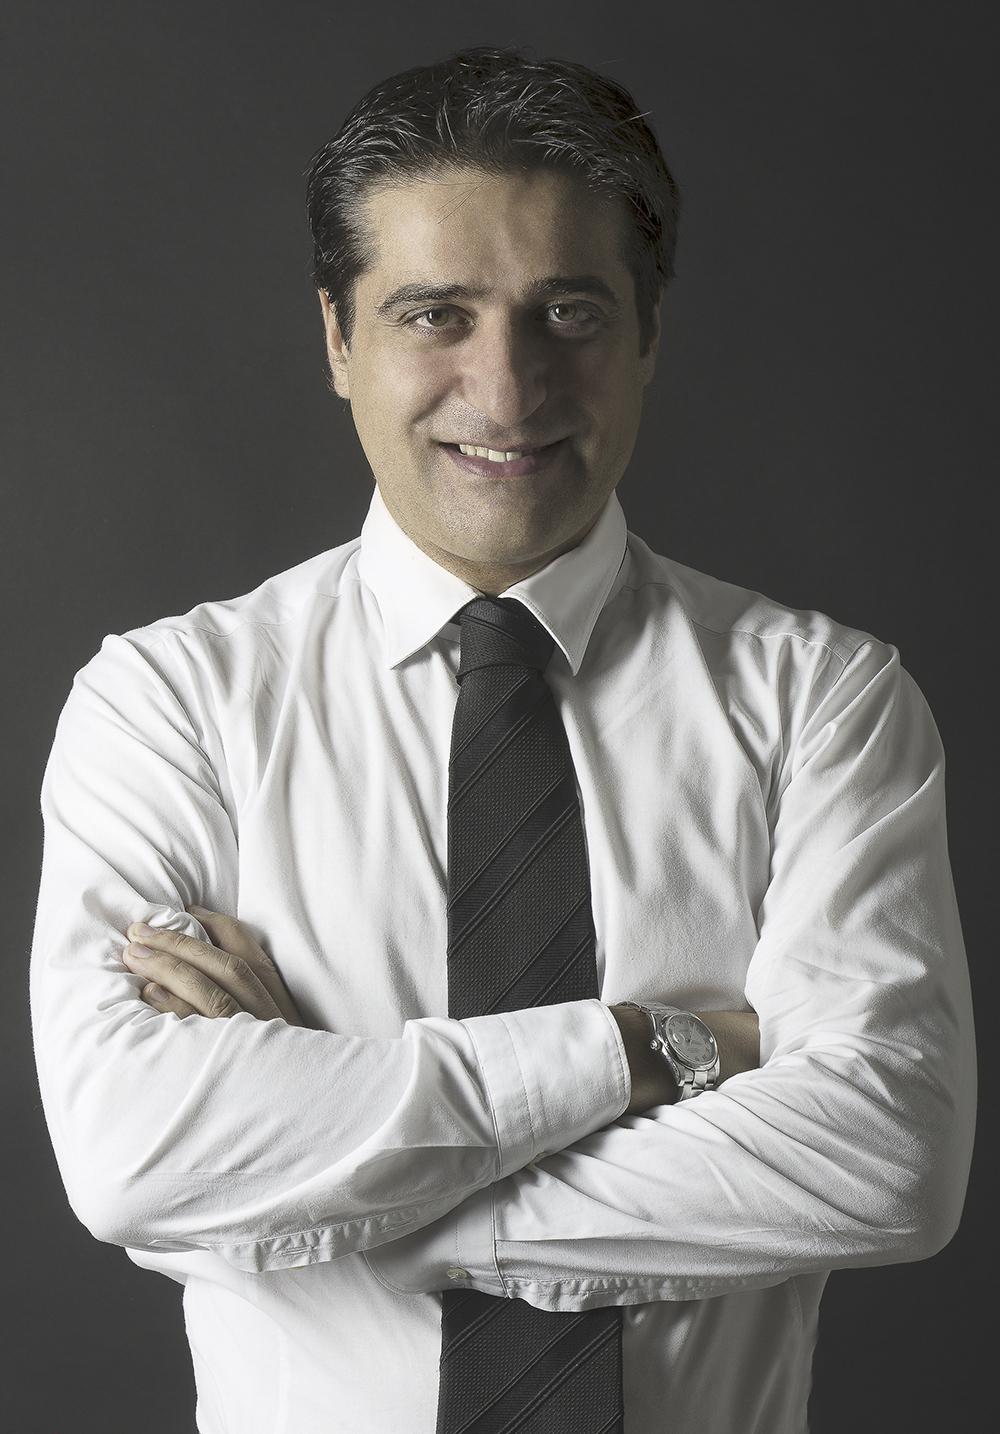 Marcello Mancini